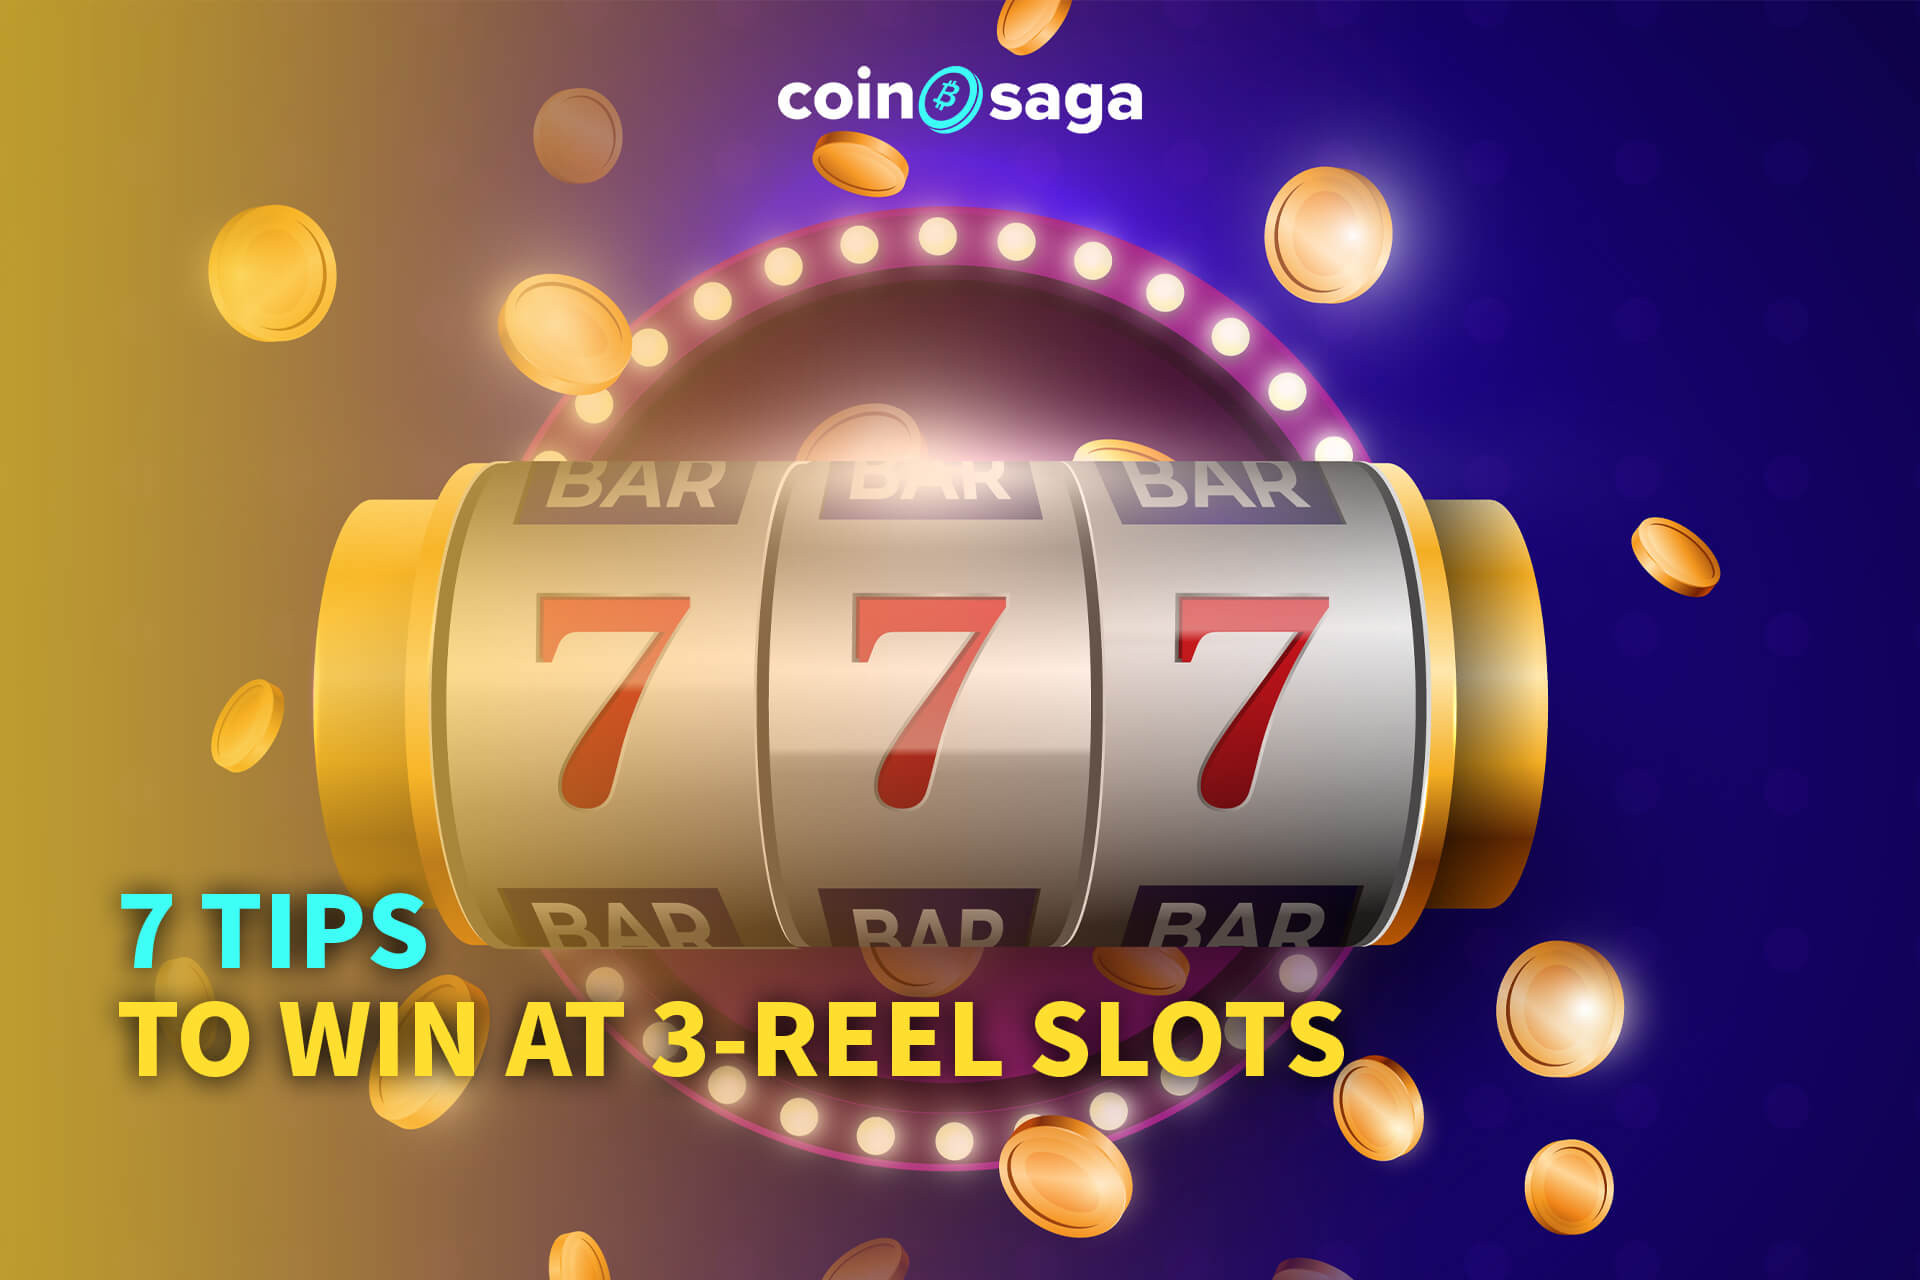 7 tips to win at 3 reel slots